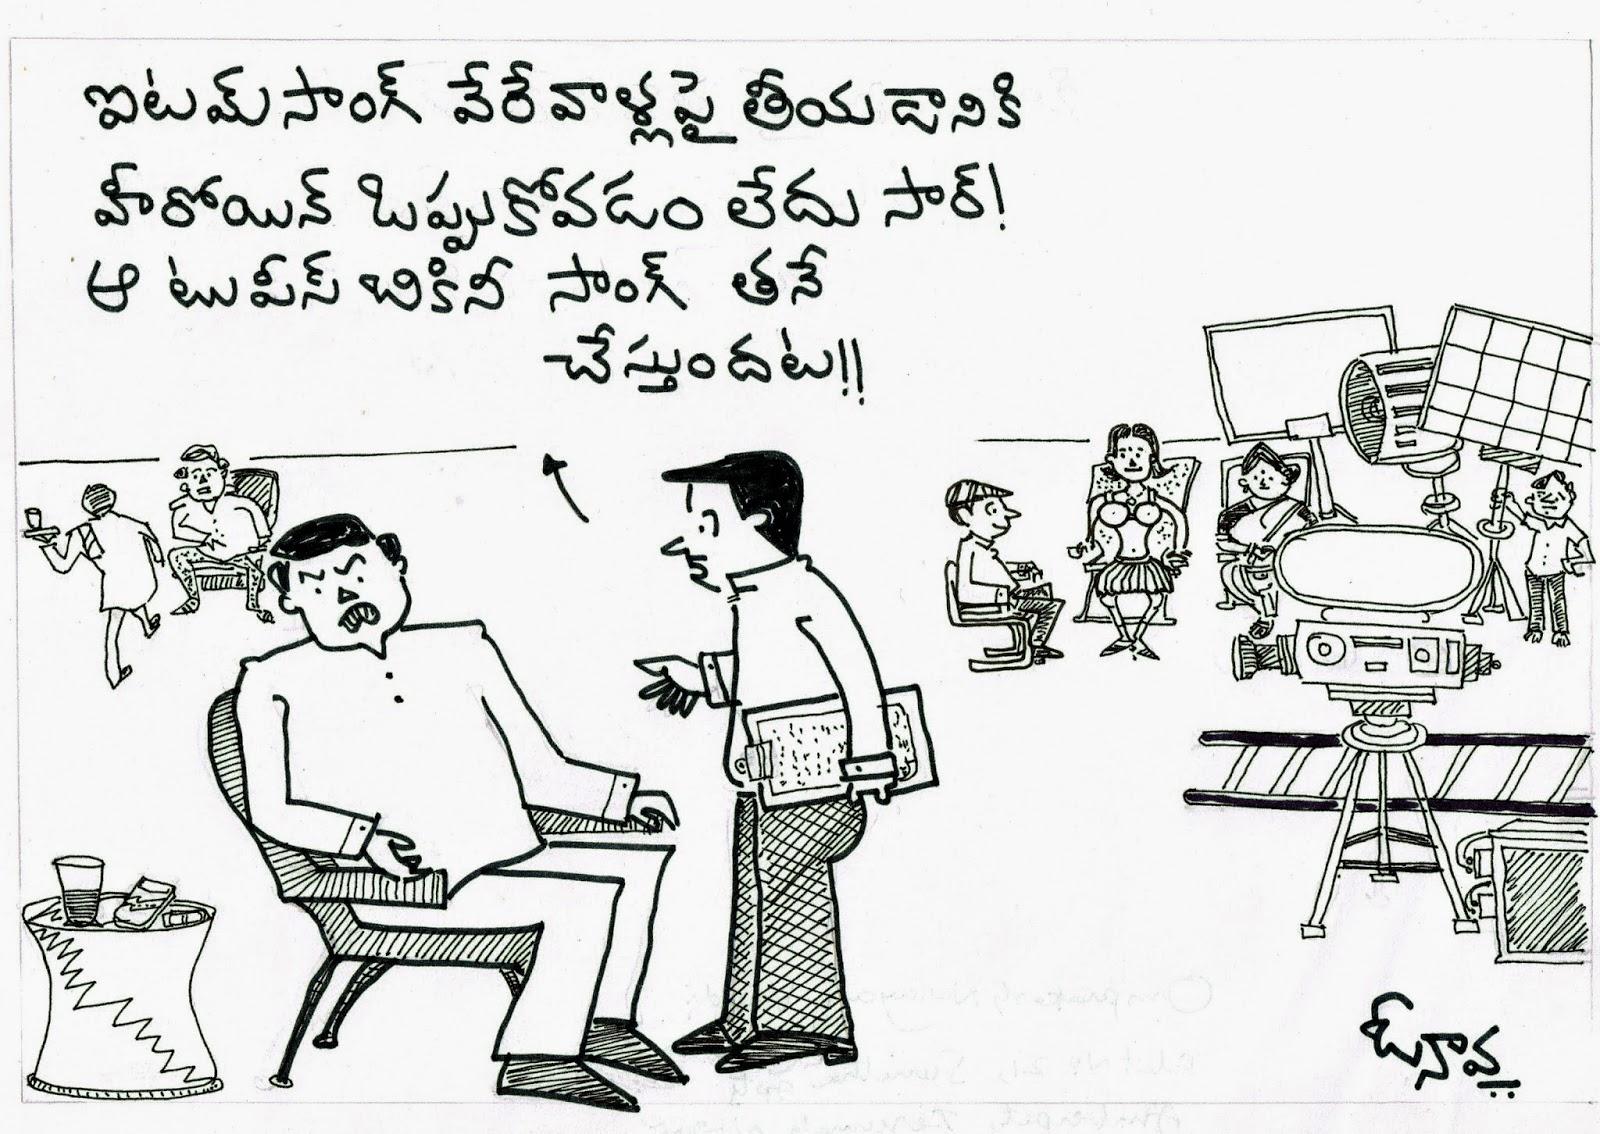 ఓంప్రకాశ్ రాతలు-గీతలు: Cartoons Published in